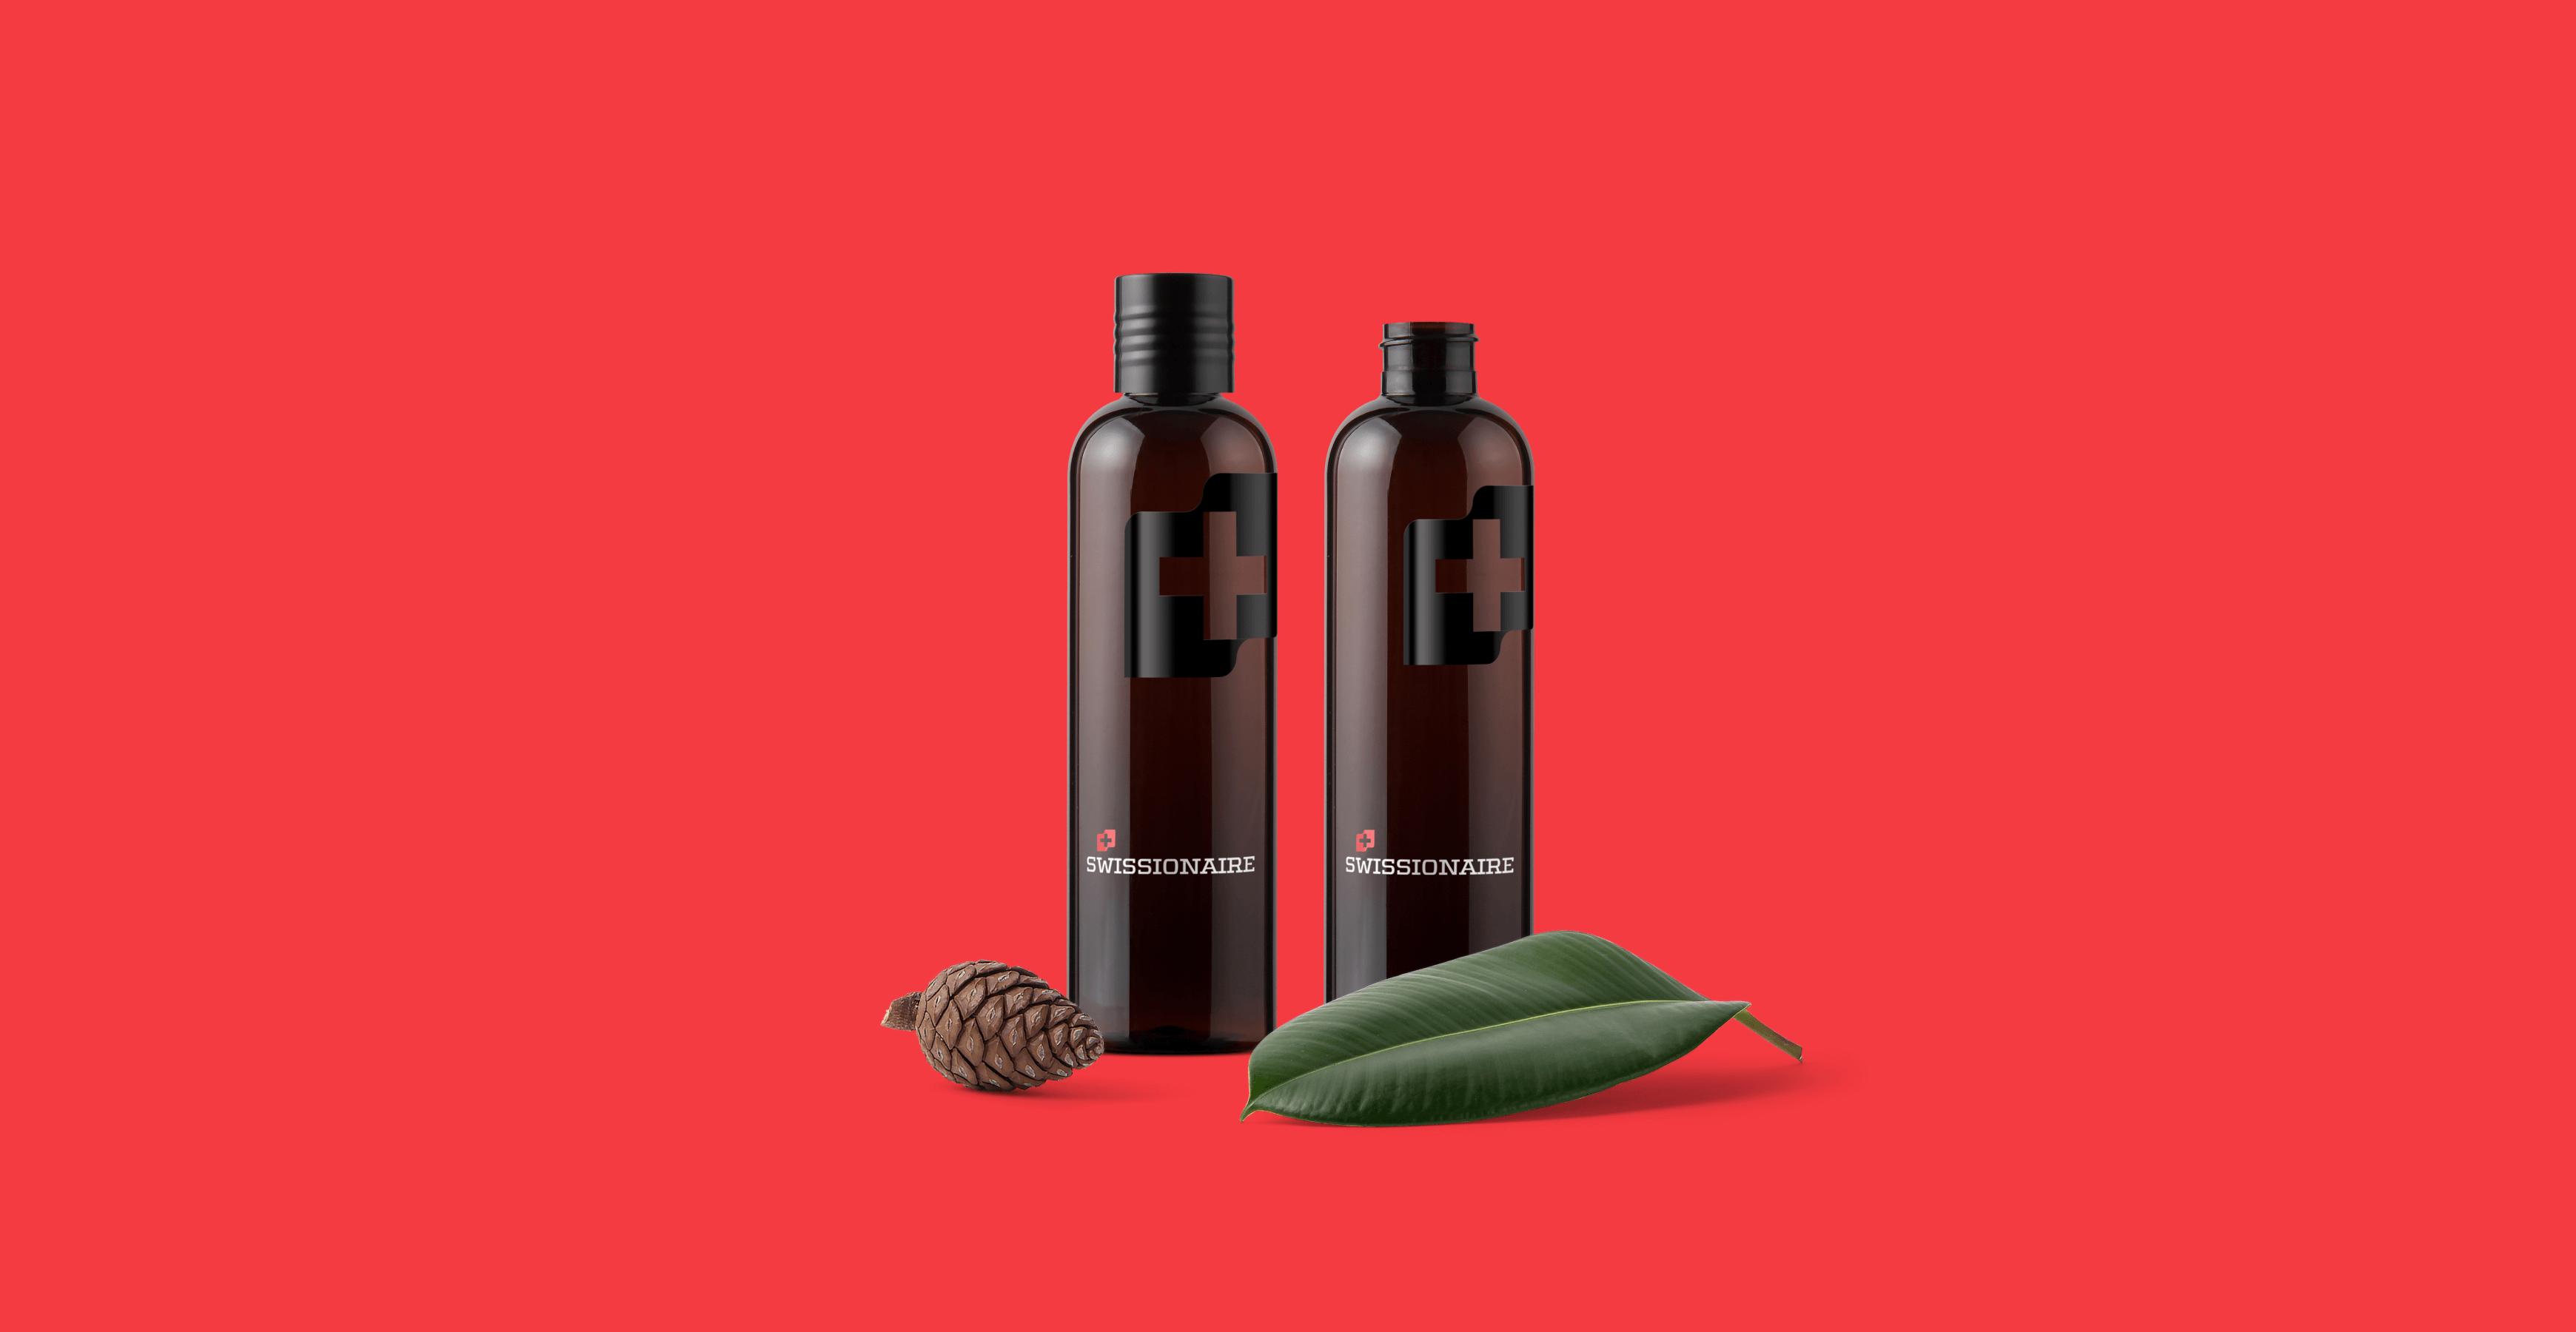 Pohled na dvě flašky s kosmetikou. V popředí leží šiška a zelený list.